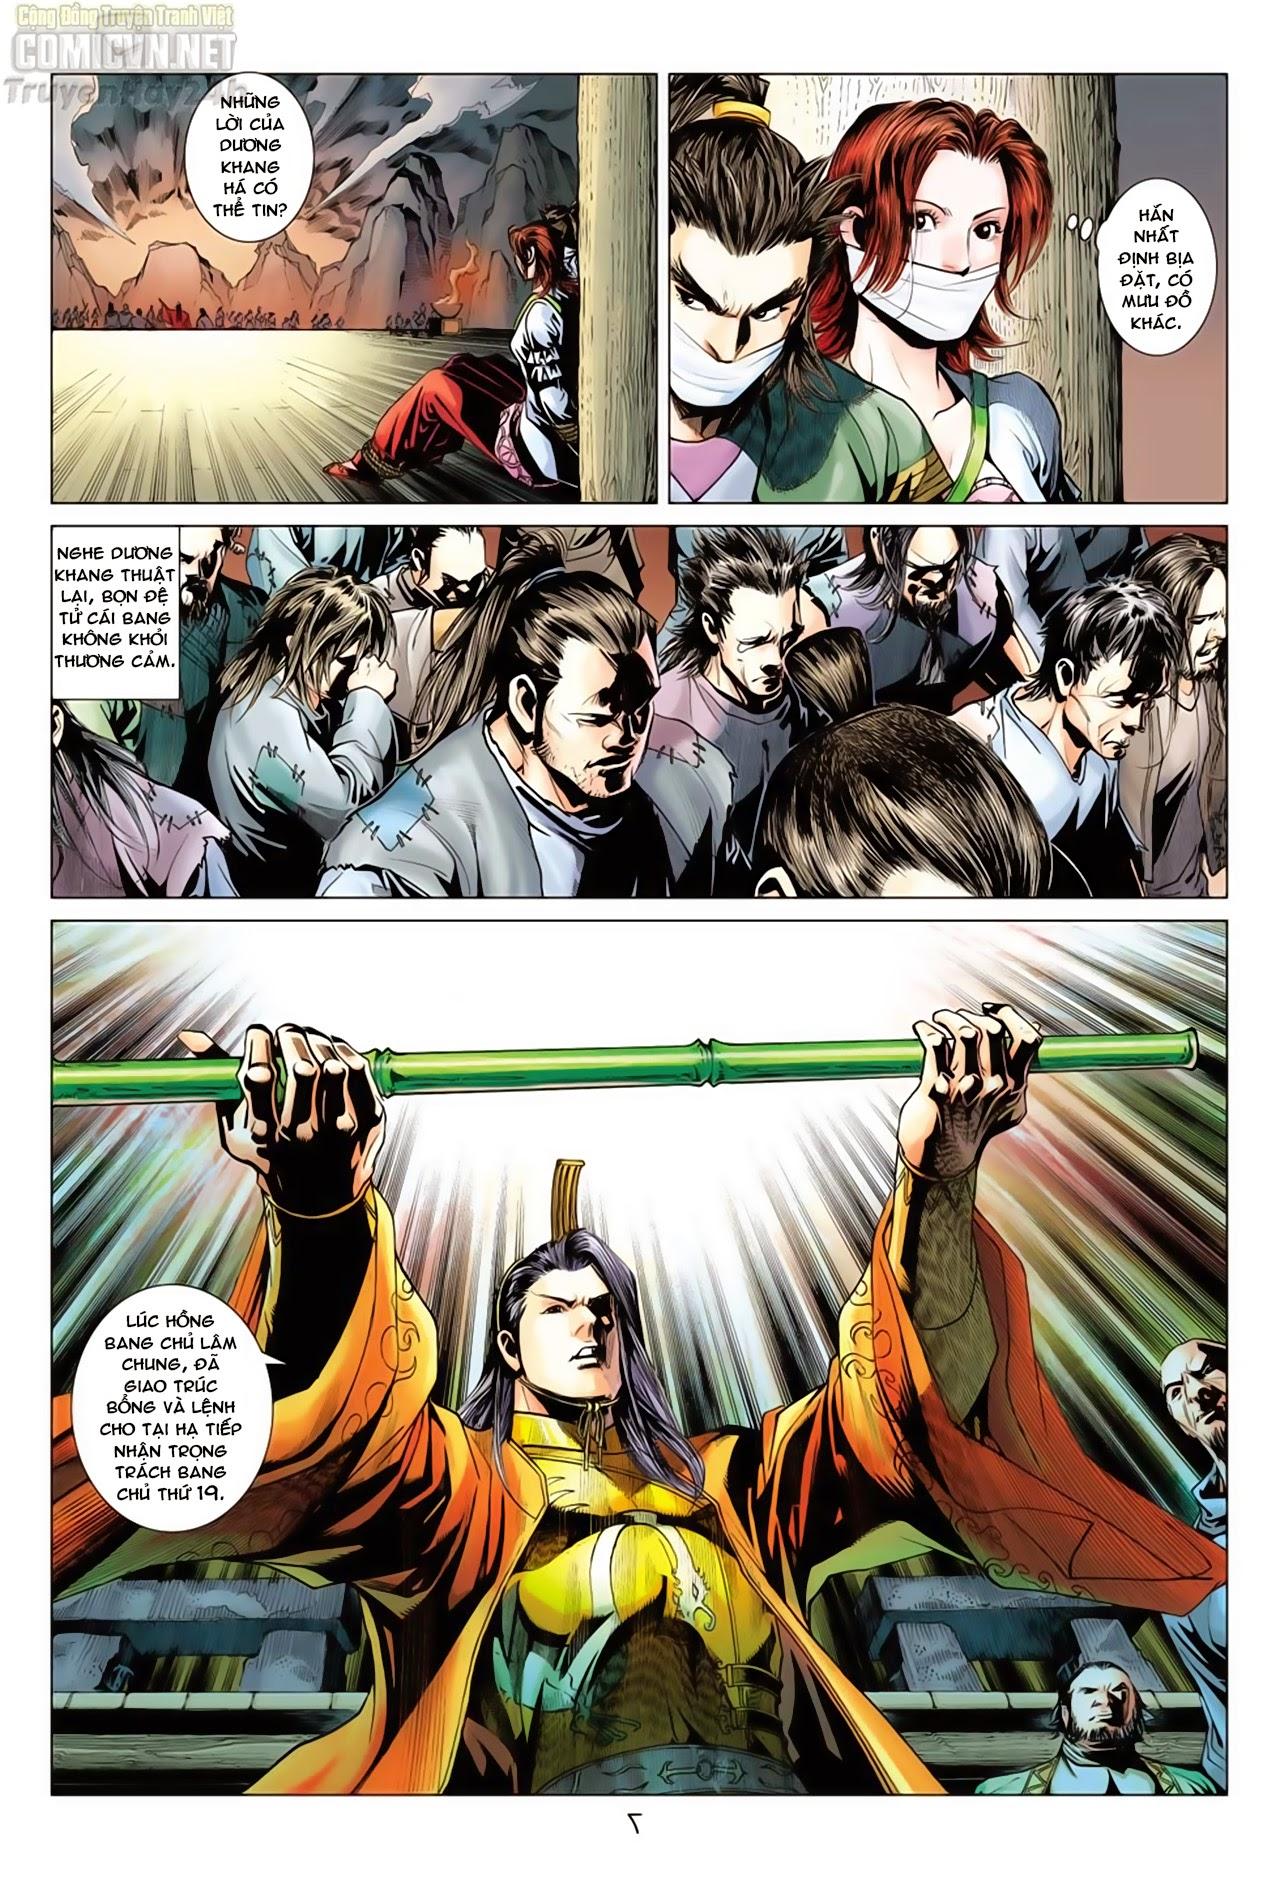 Anh Hùng Xạ Điêu anh hùng xạ đêu chap 66: nhạc châu đại hội trang 7